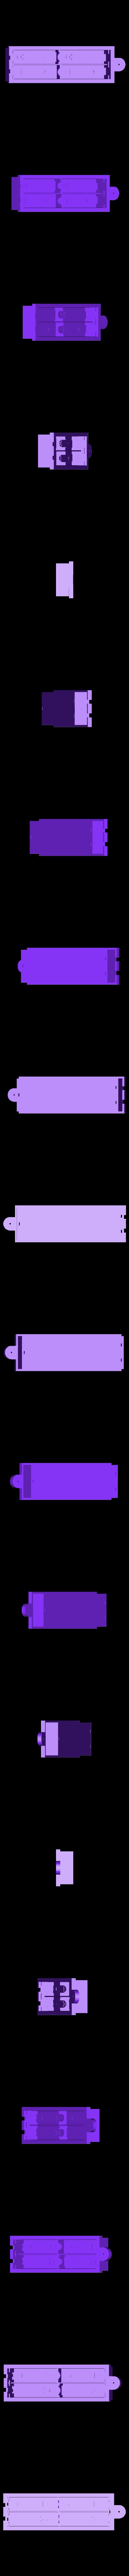 boitier piles.stl Télécharger fichier STL cadre photo pour lithophanie avec insert à piles • Plan pour impression 3D, fabricewou